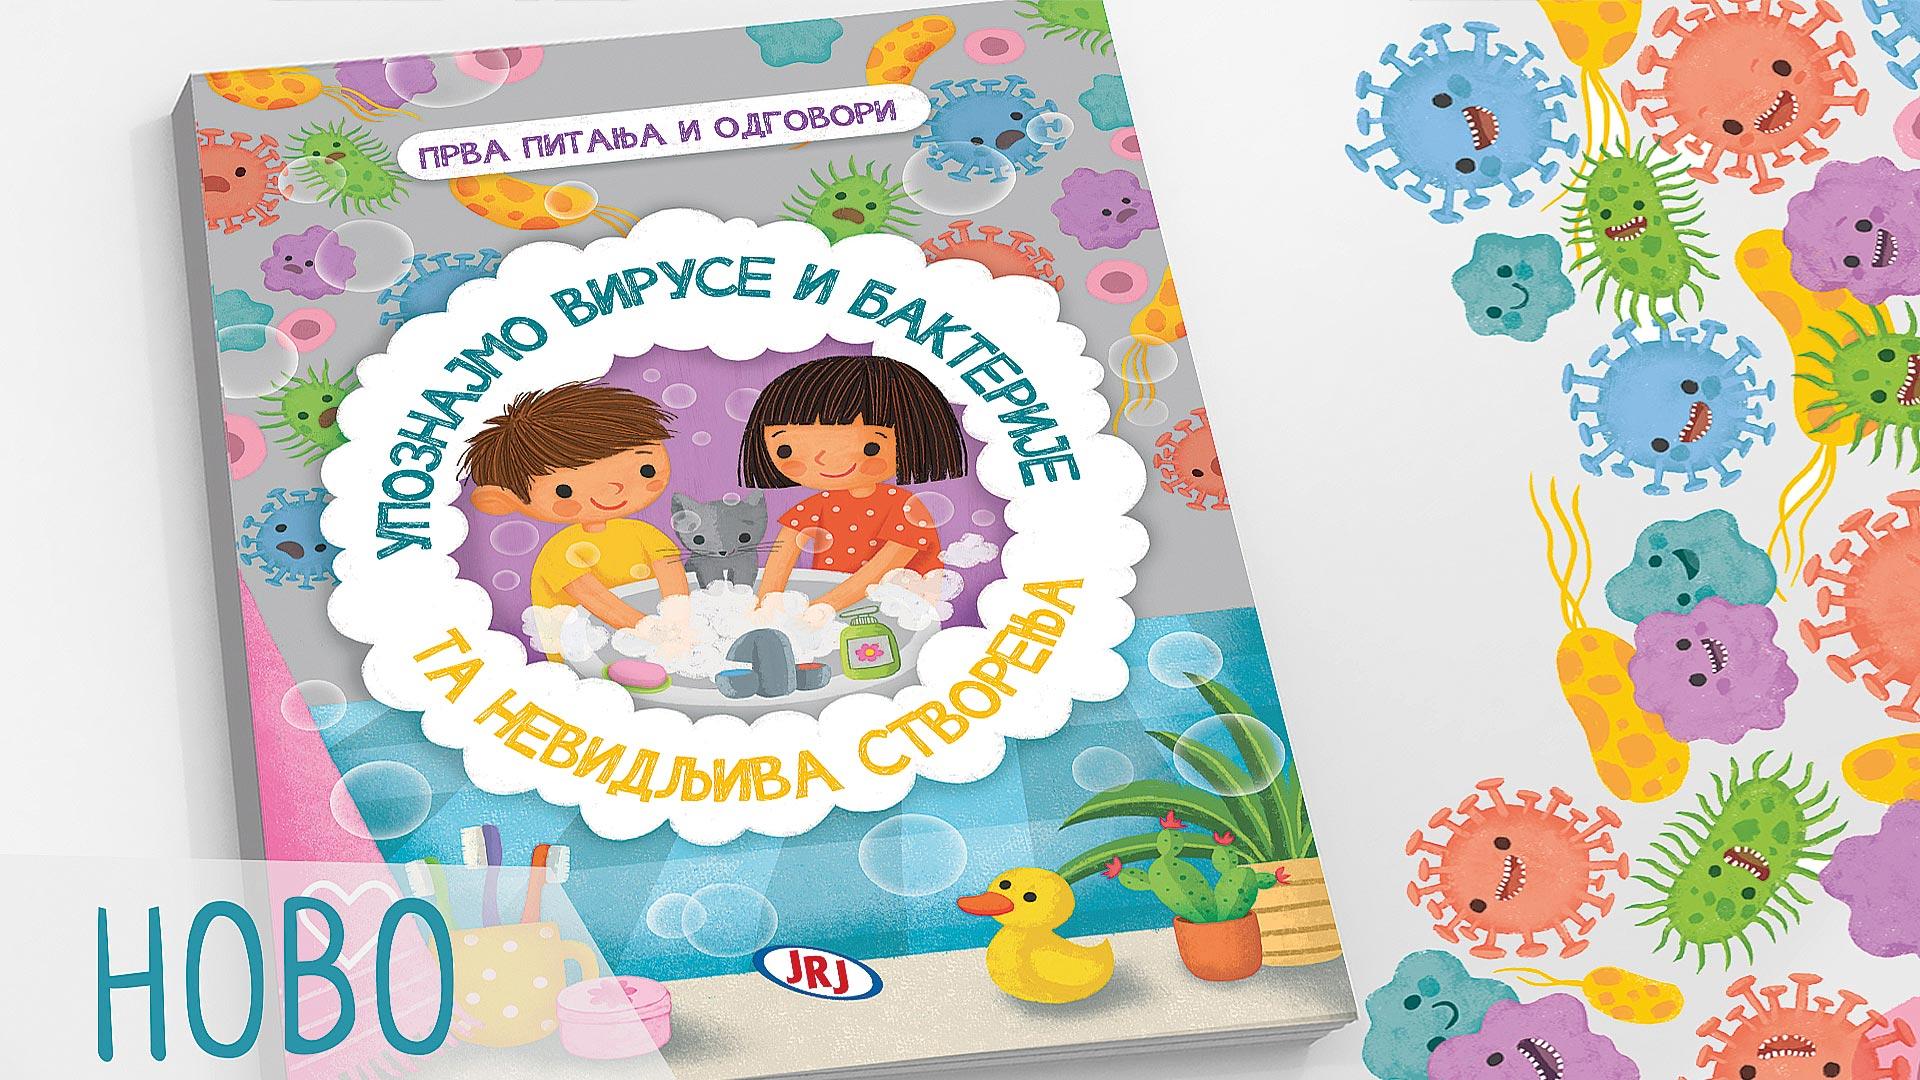 Decje knjige Upoznajmo viruse i bakterije